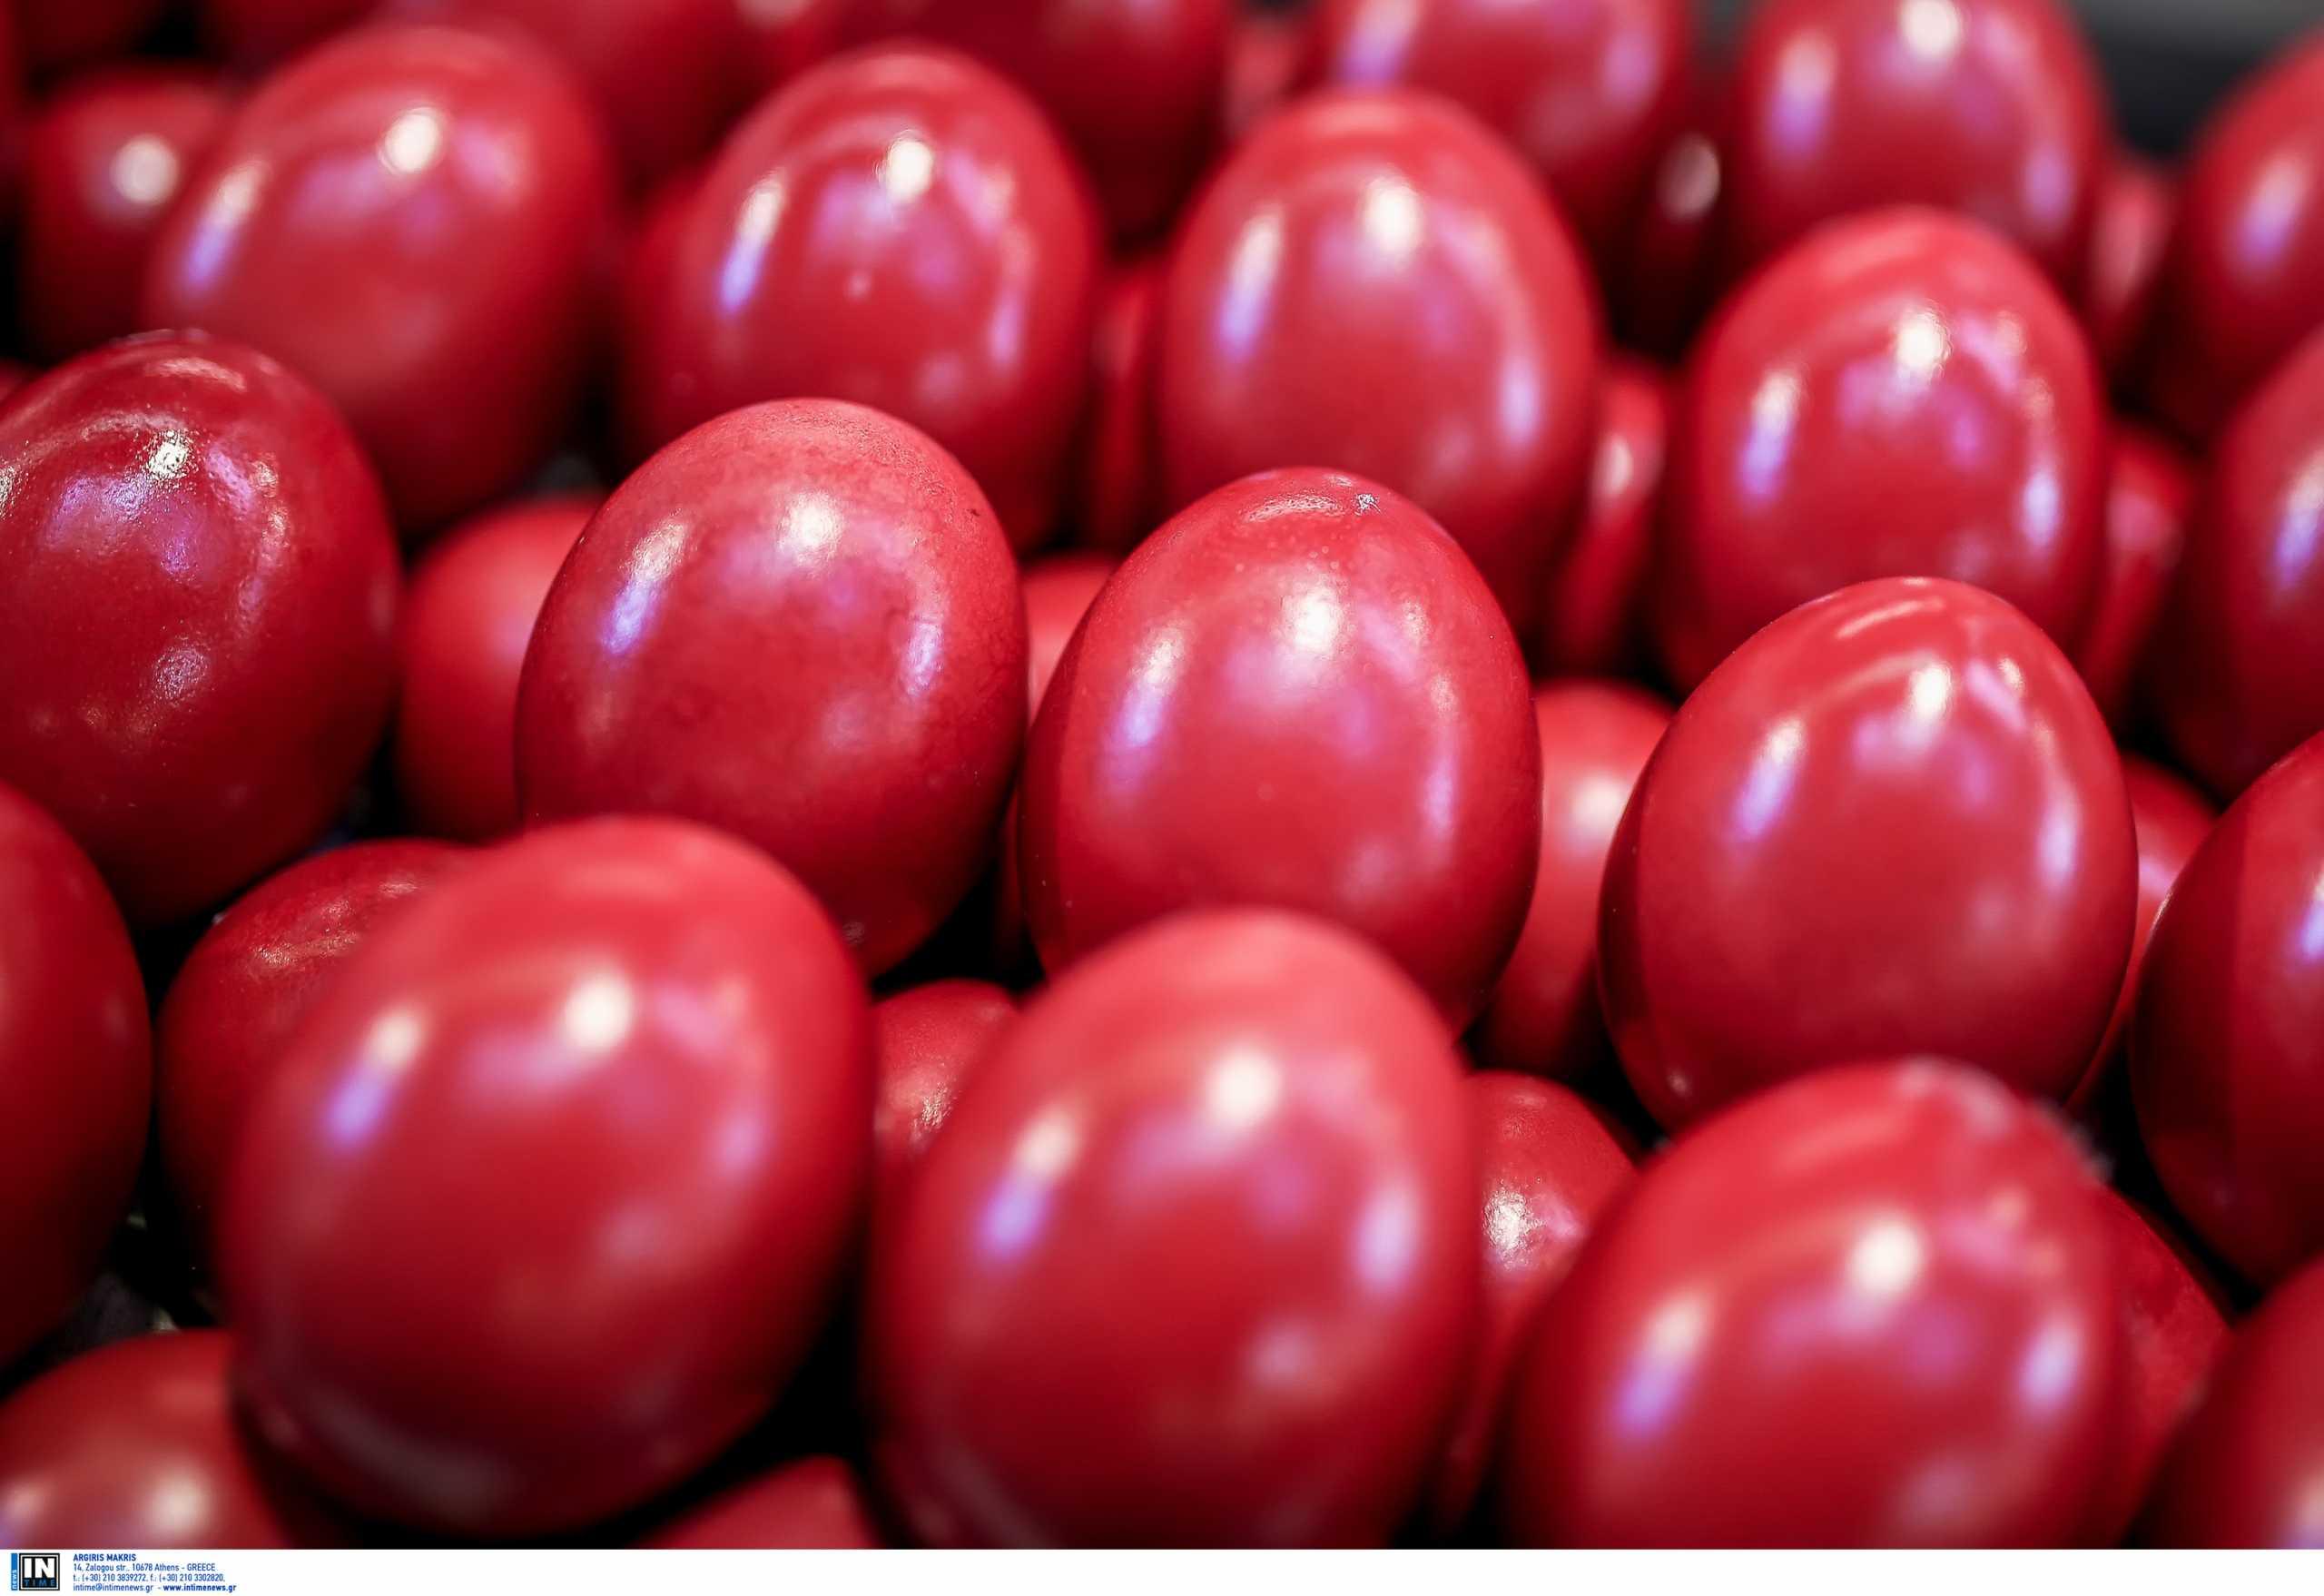 Γιατί την Μεγάλη Πέμπτη βάφουμε κόκκινα αυγά